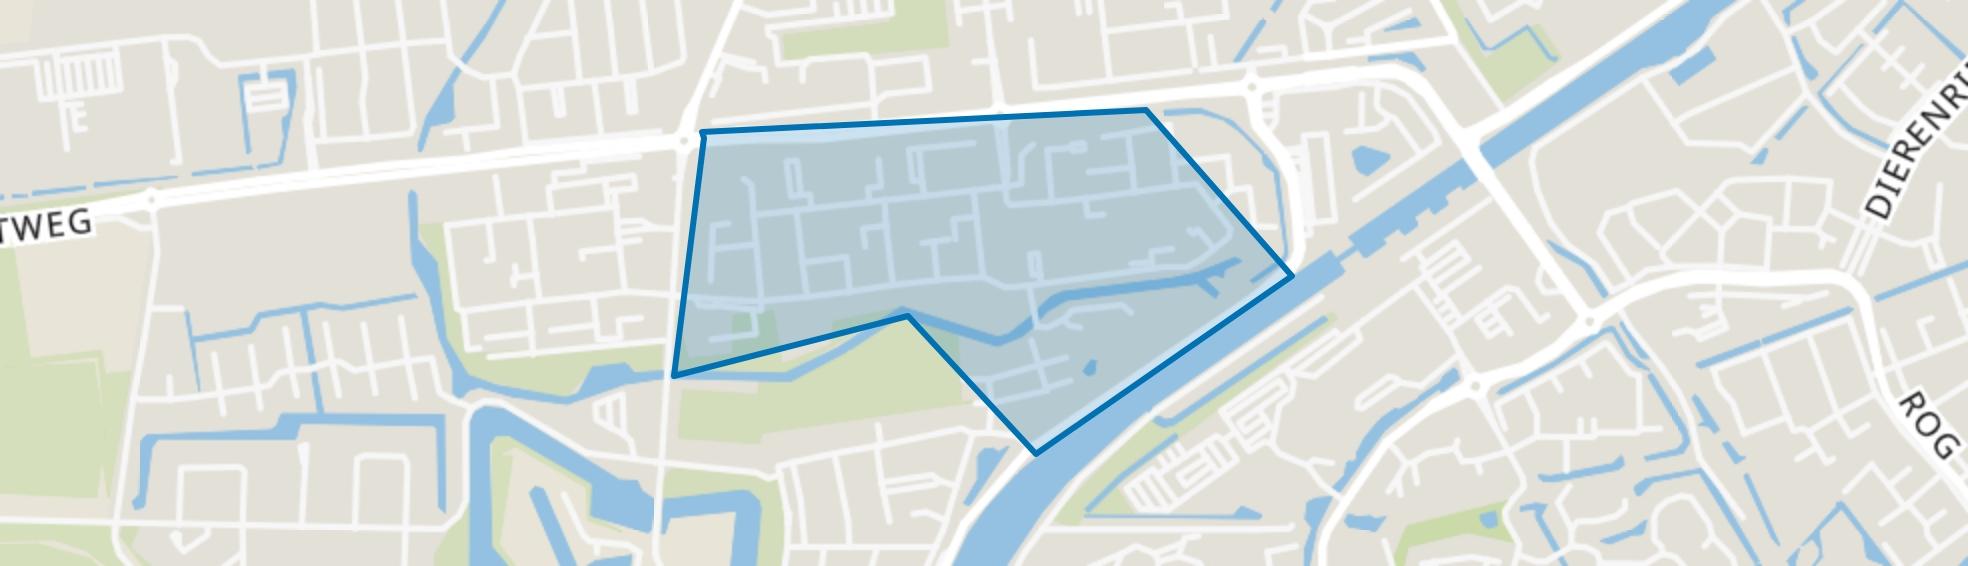 Dichters- en Schrijversbuurt, Hellevoetsluis map